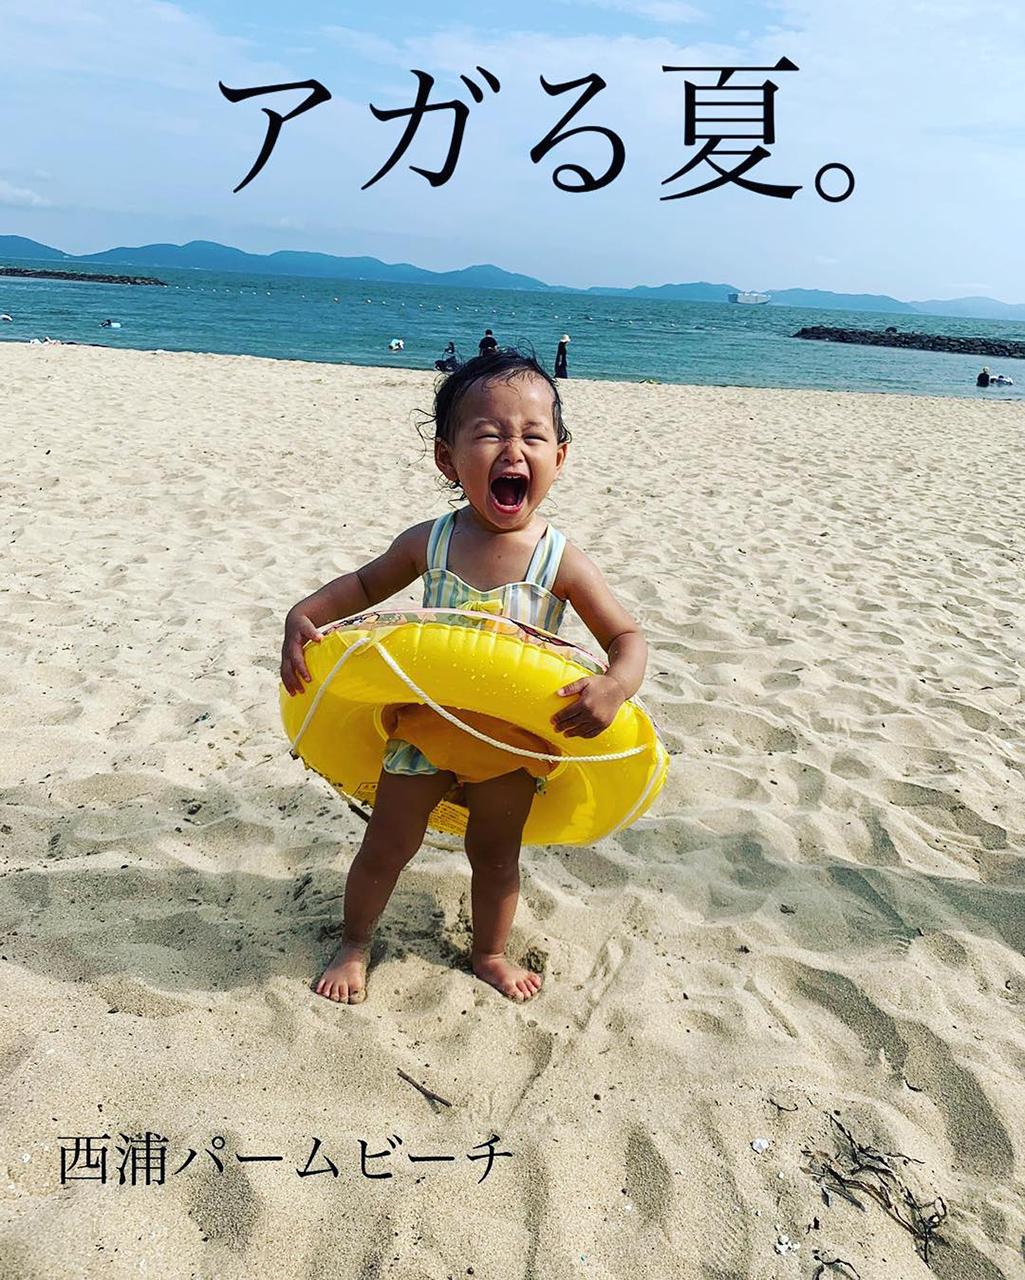 「アガる夏。」nagoyanofukuさん